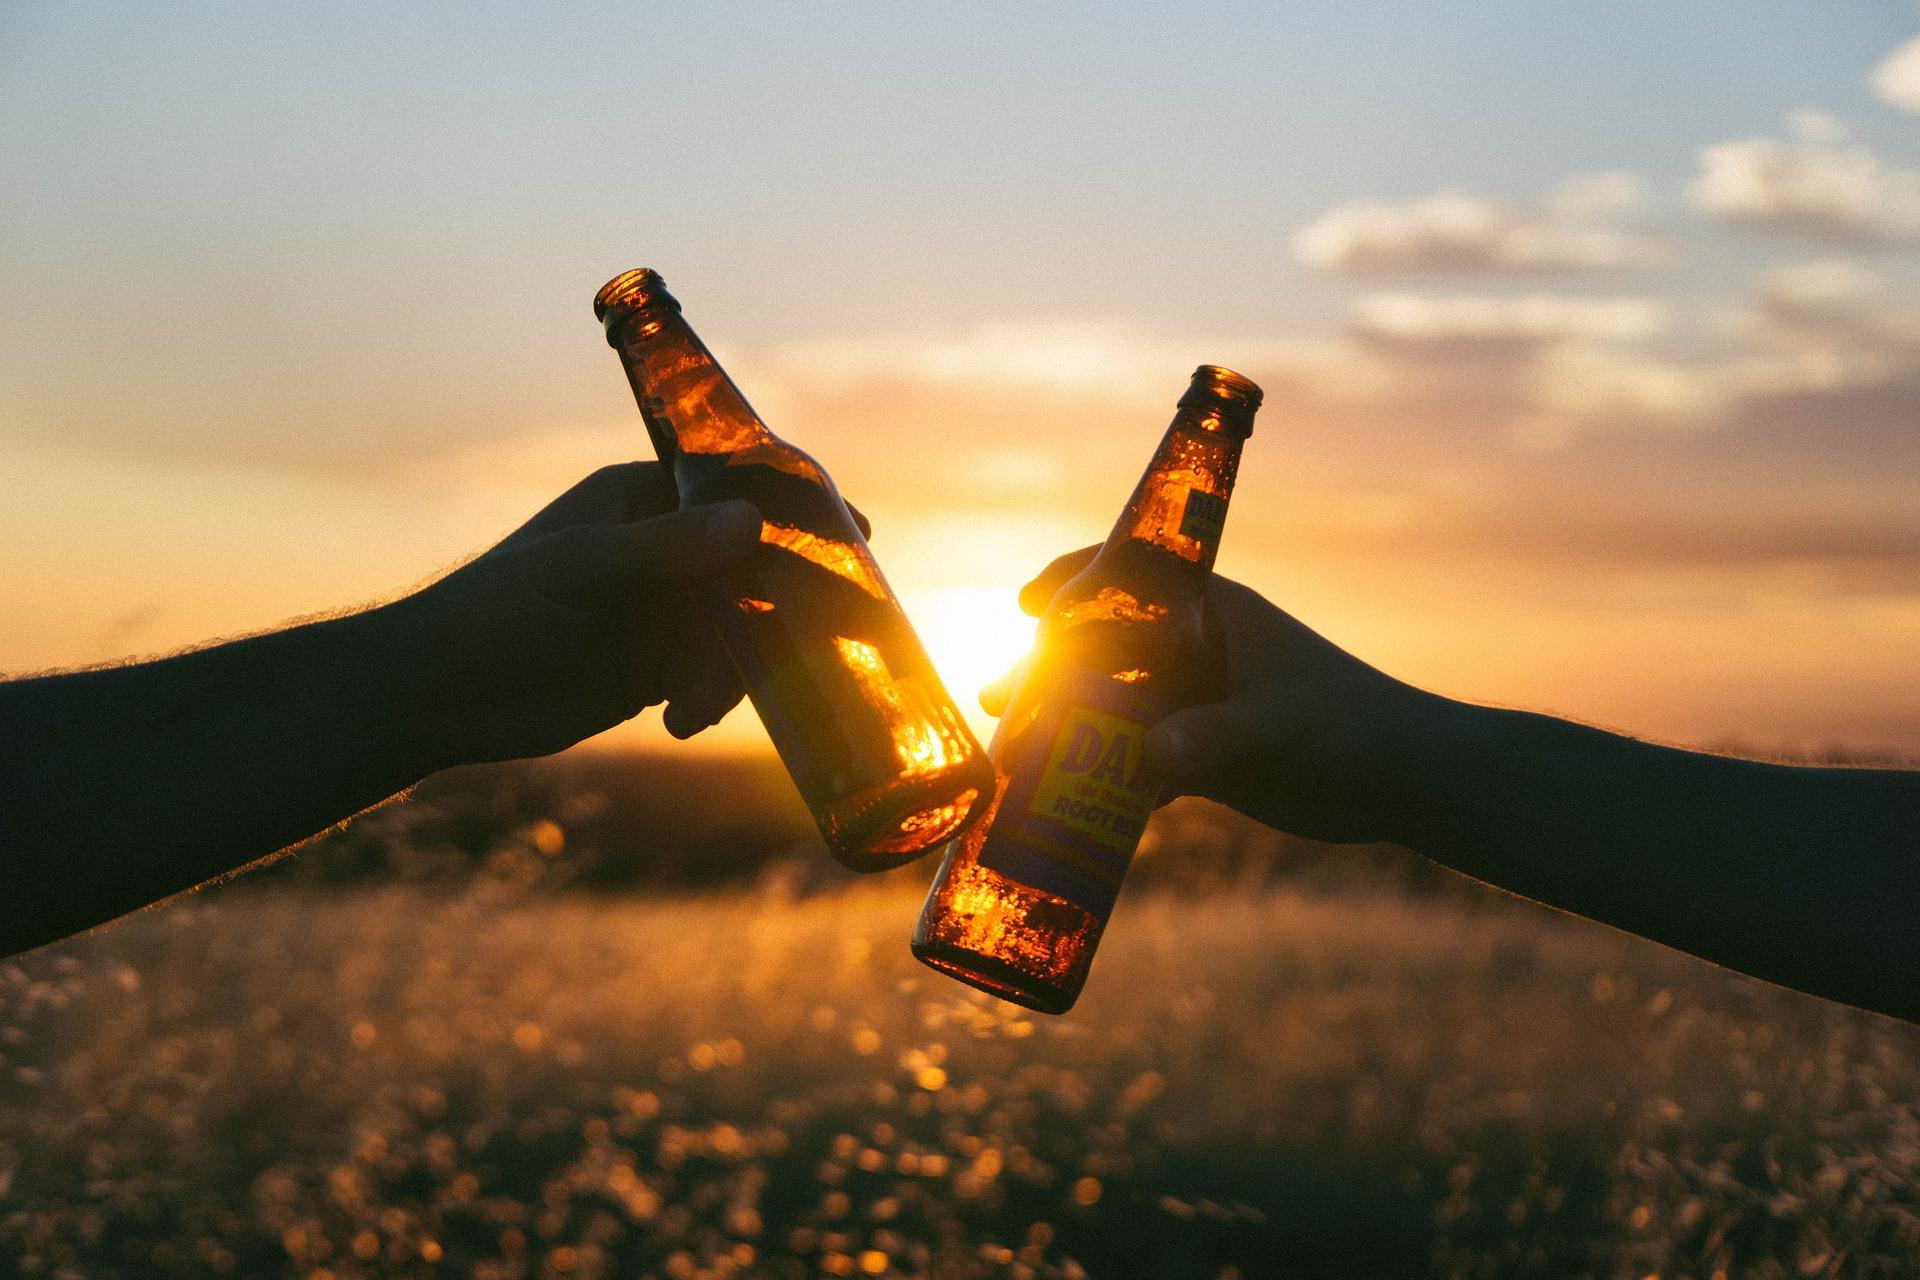 Obrázek: Pivní aplikace pro smartphone: Kde najít ty nejlepší pivovary nebo kam za recenzemi piv